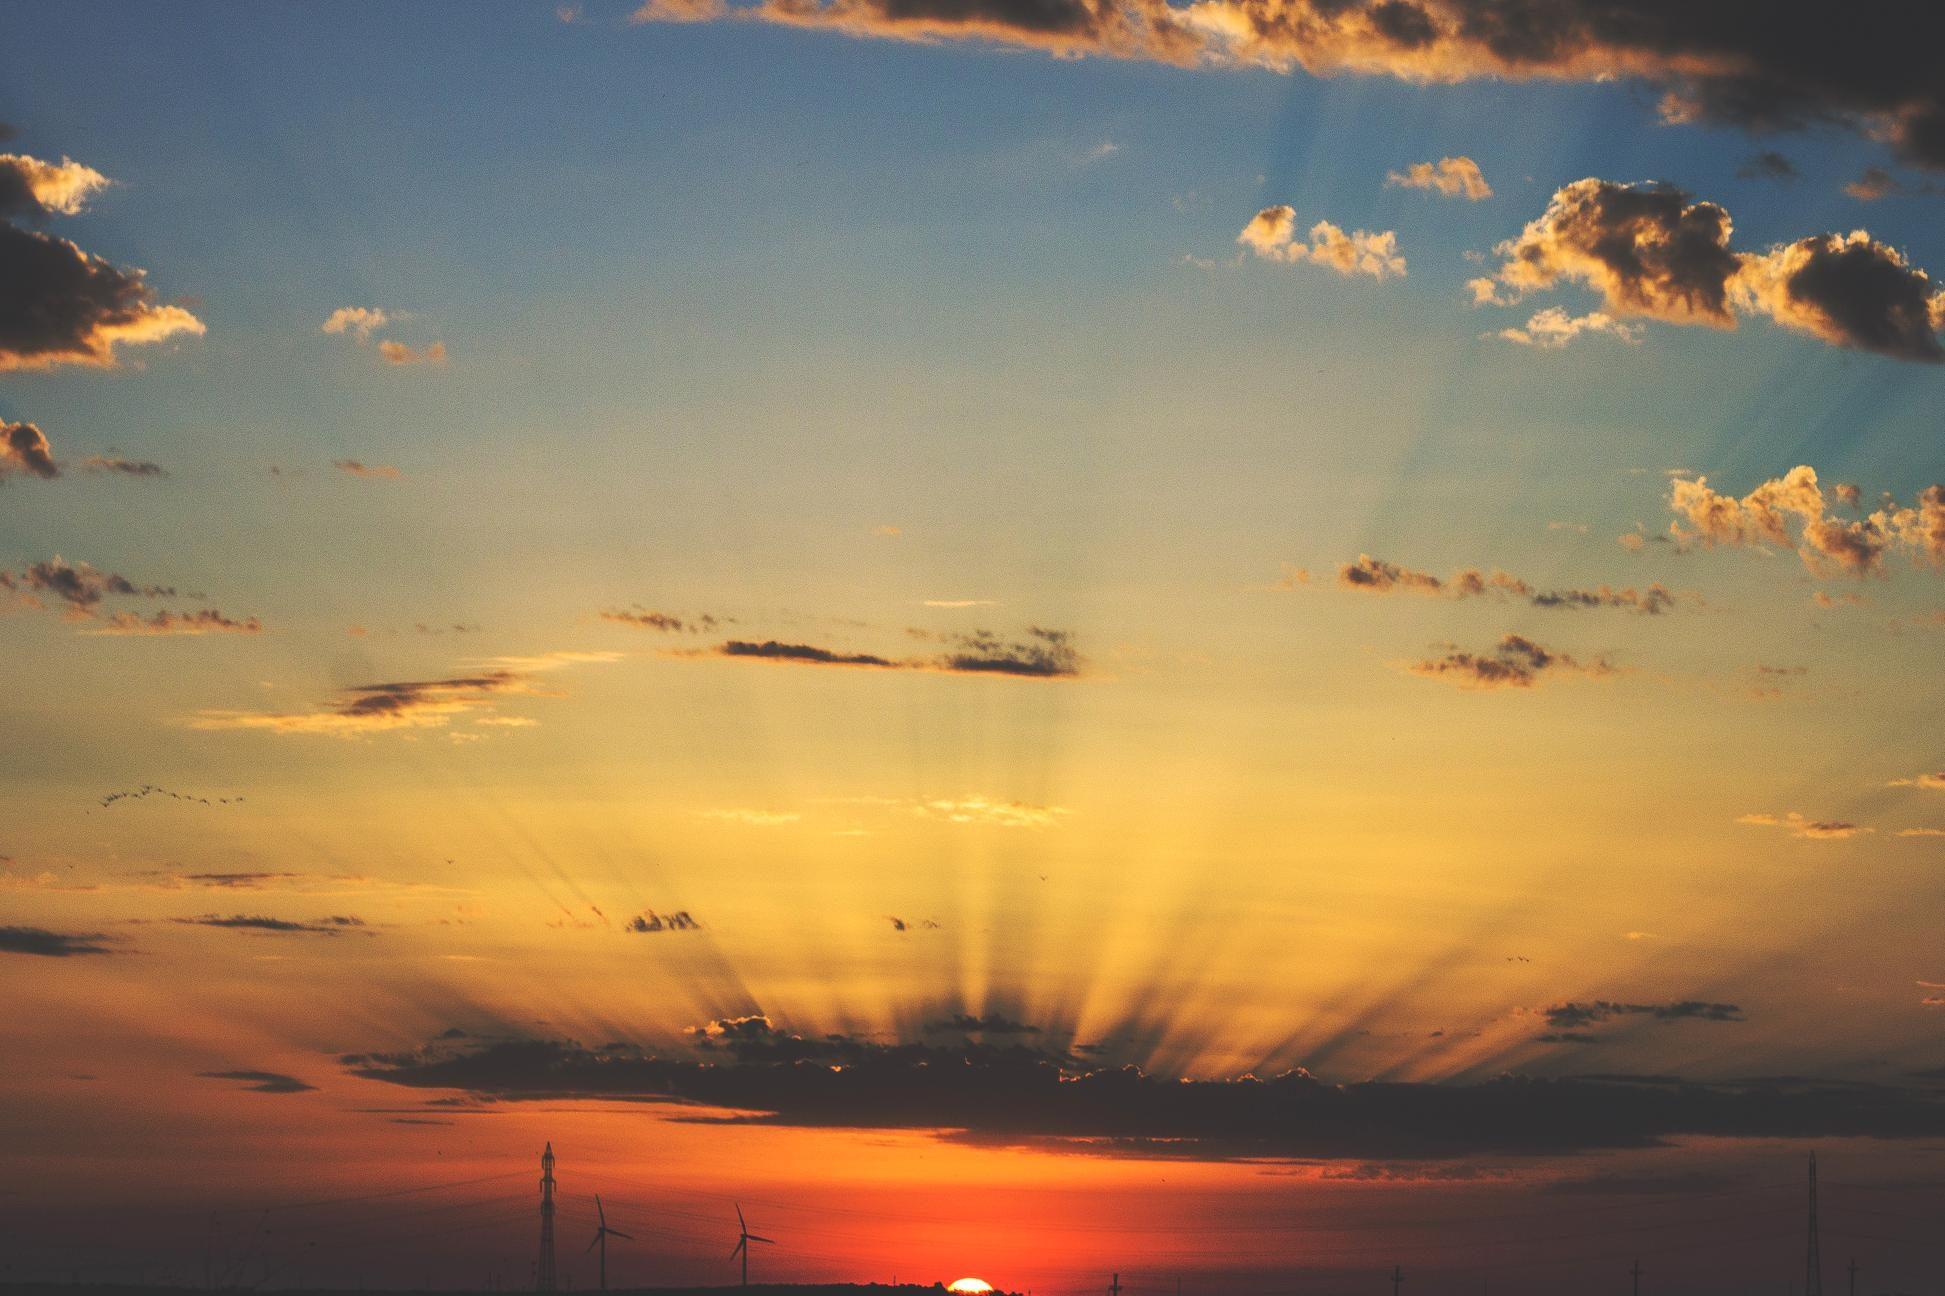 free picture  sunset  sun  dawn  sky  landscape  cloud  sunrise